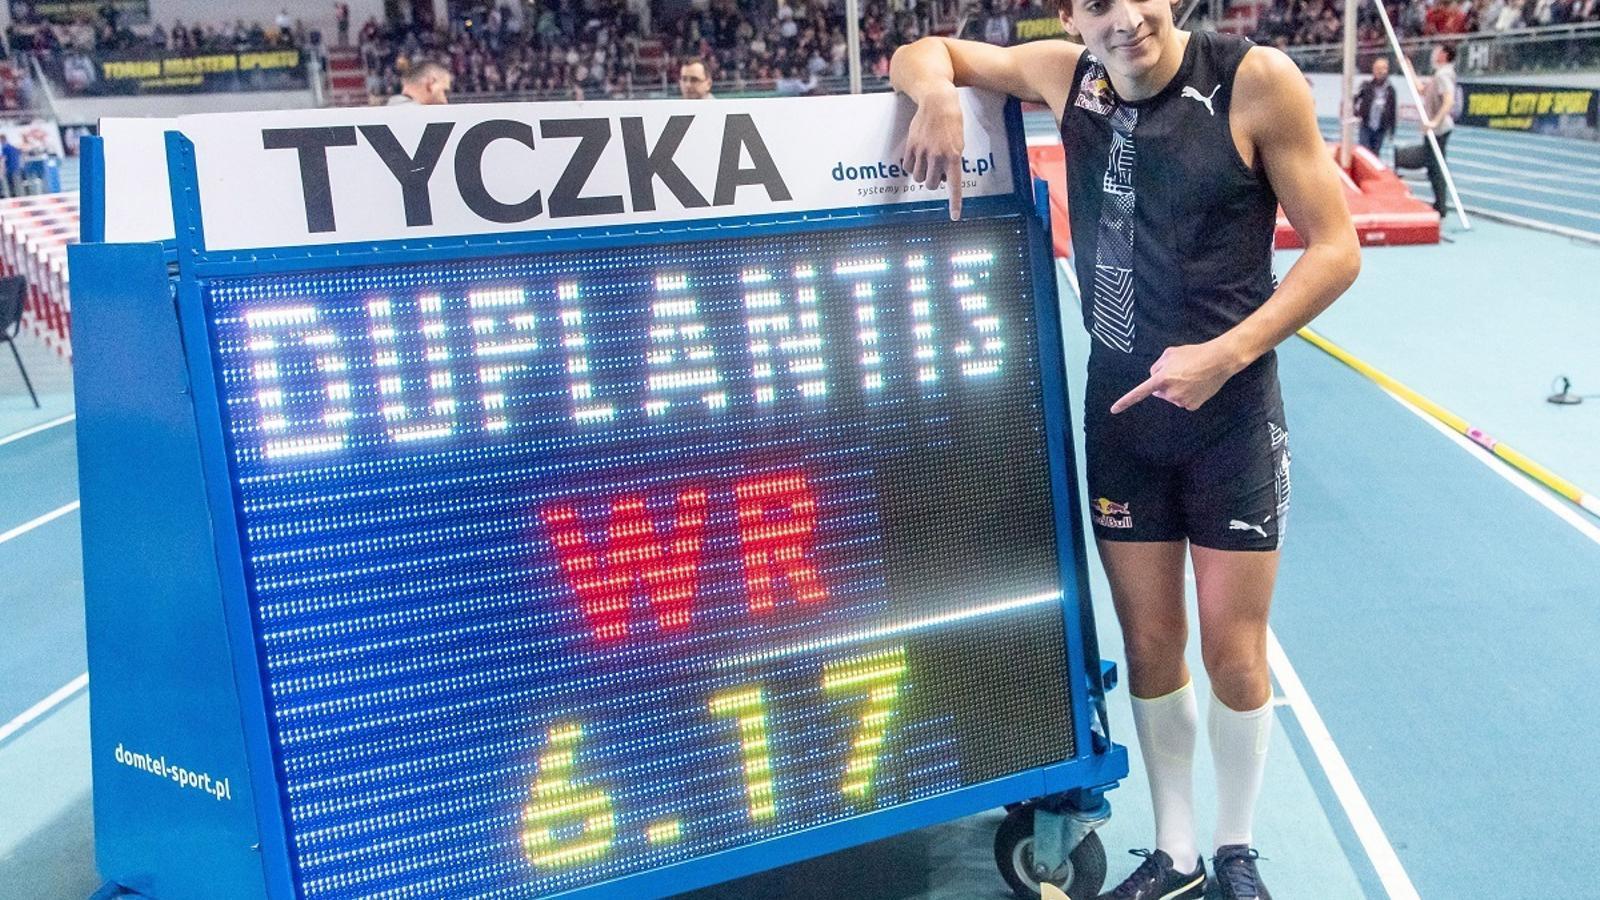 El suec Armand Duplantis va aconseguir un nou rècord de salt amb perxa